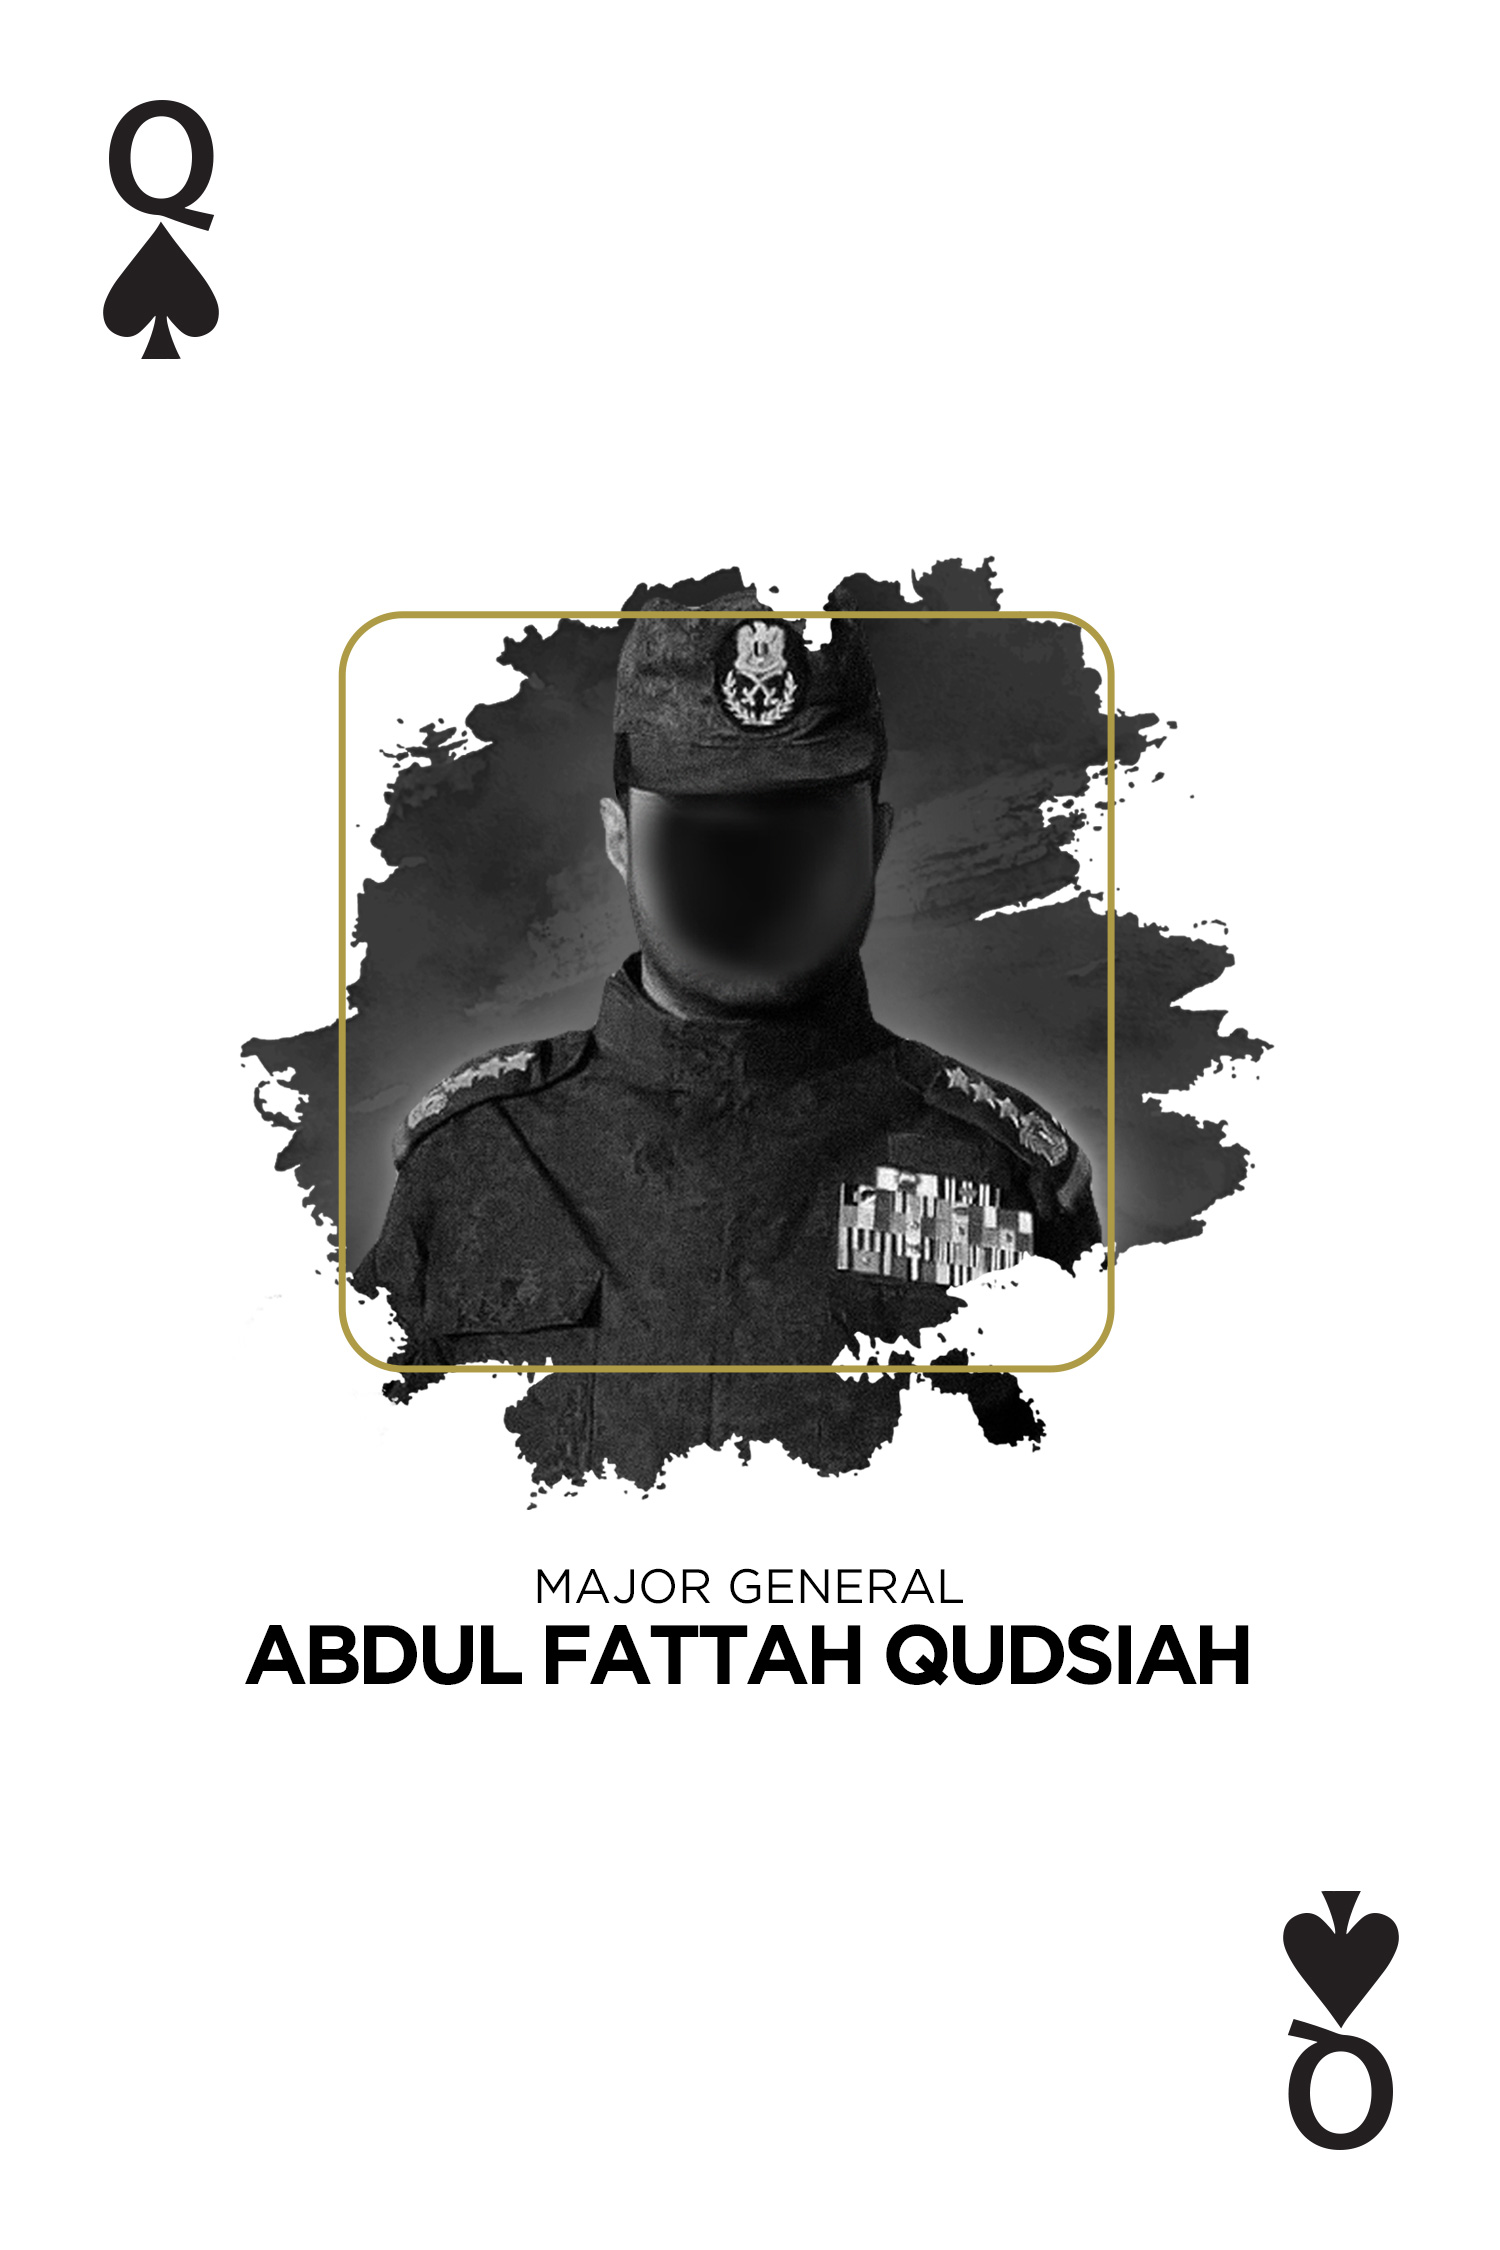 Pro Justice - Abdel Fattah Suleiman Qudsiyeh